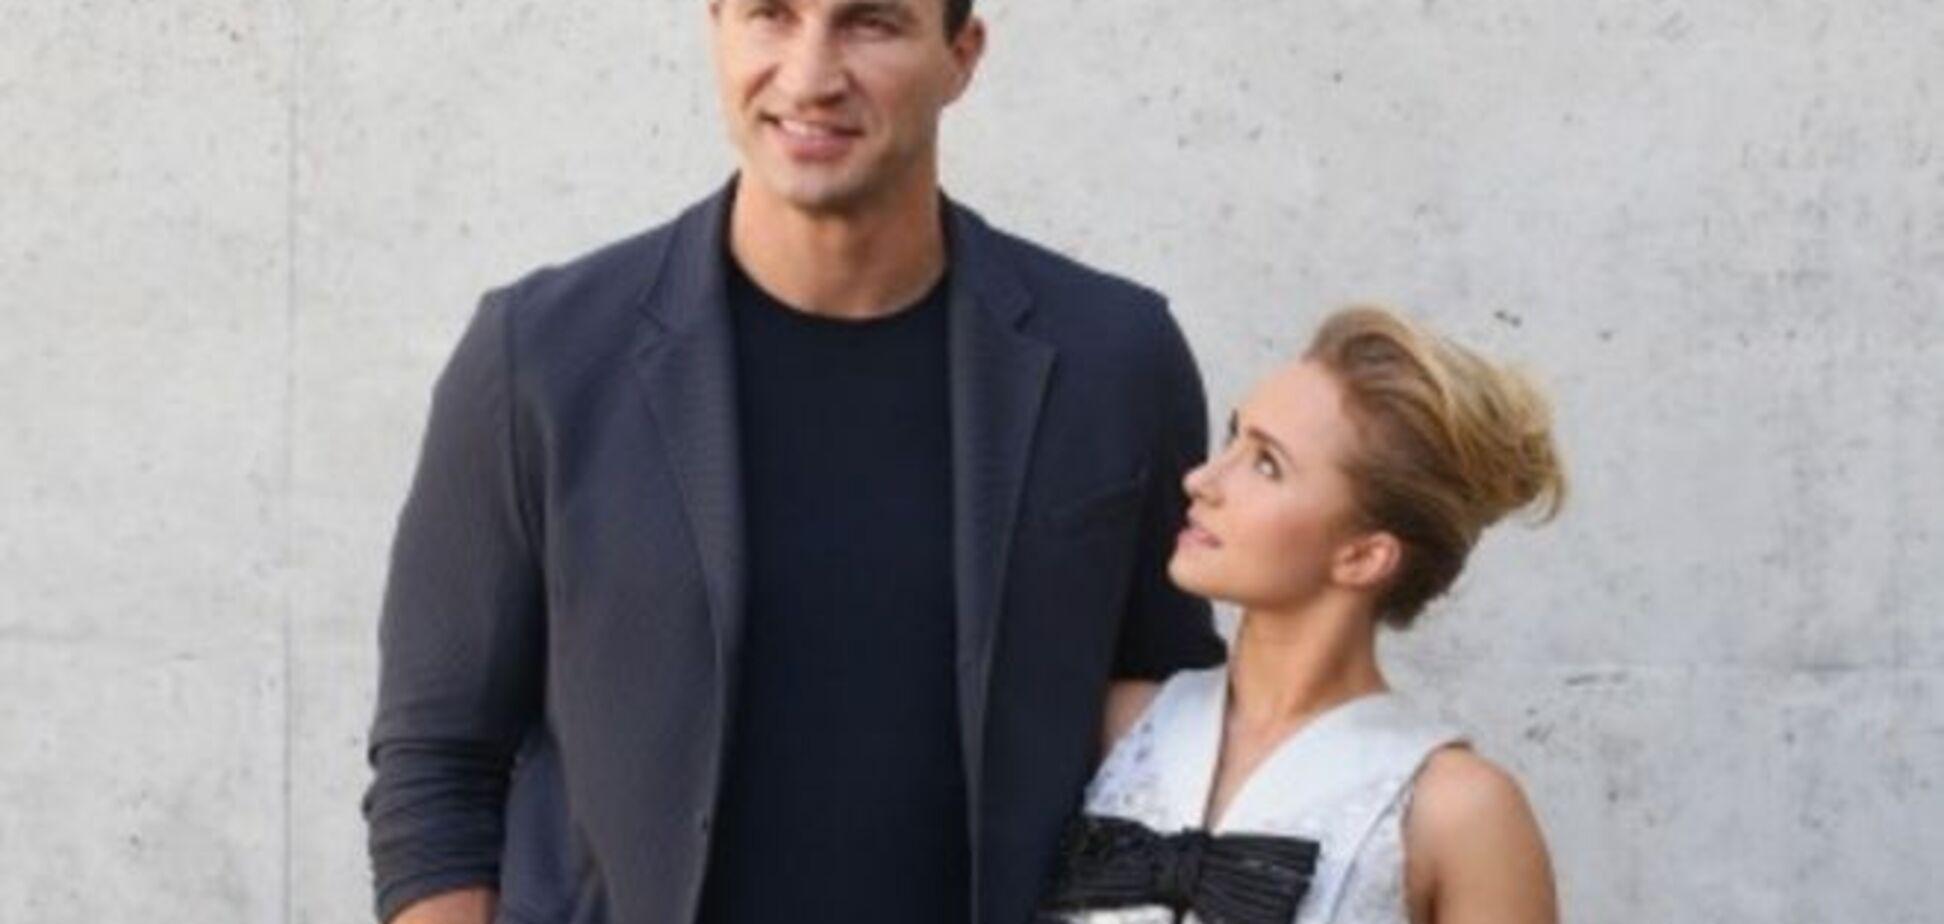 Кличко не считает нужным жениться на Хайден Панеттьери